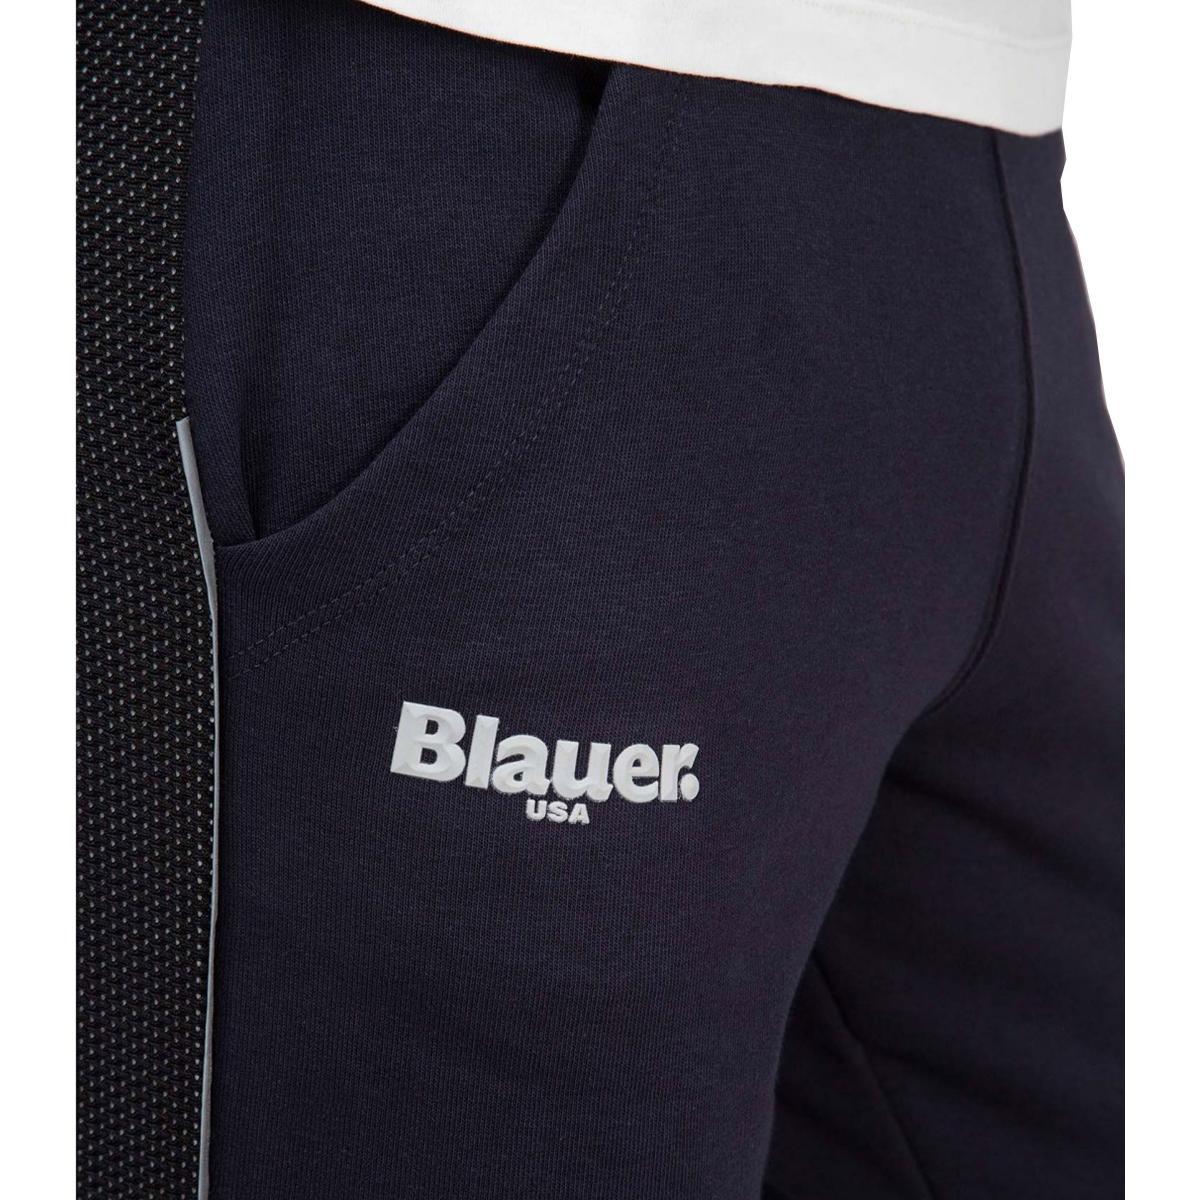 Tuta sportiva Blauer USA con logo sul petto da uomo rif. 19SBLUF15400 005331